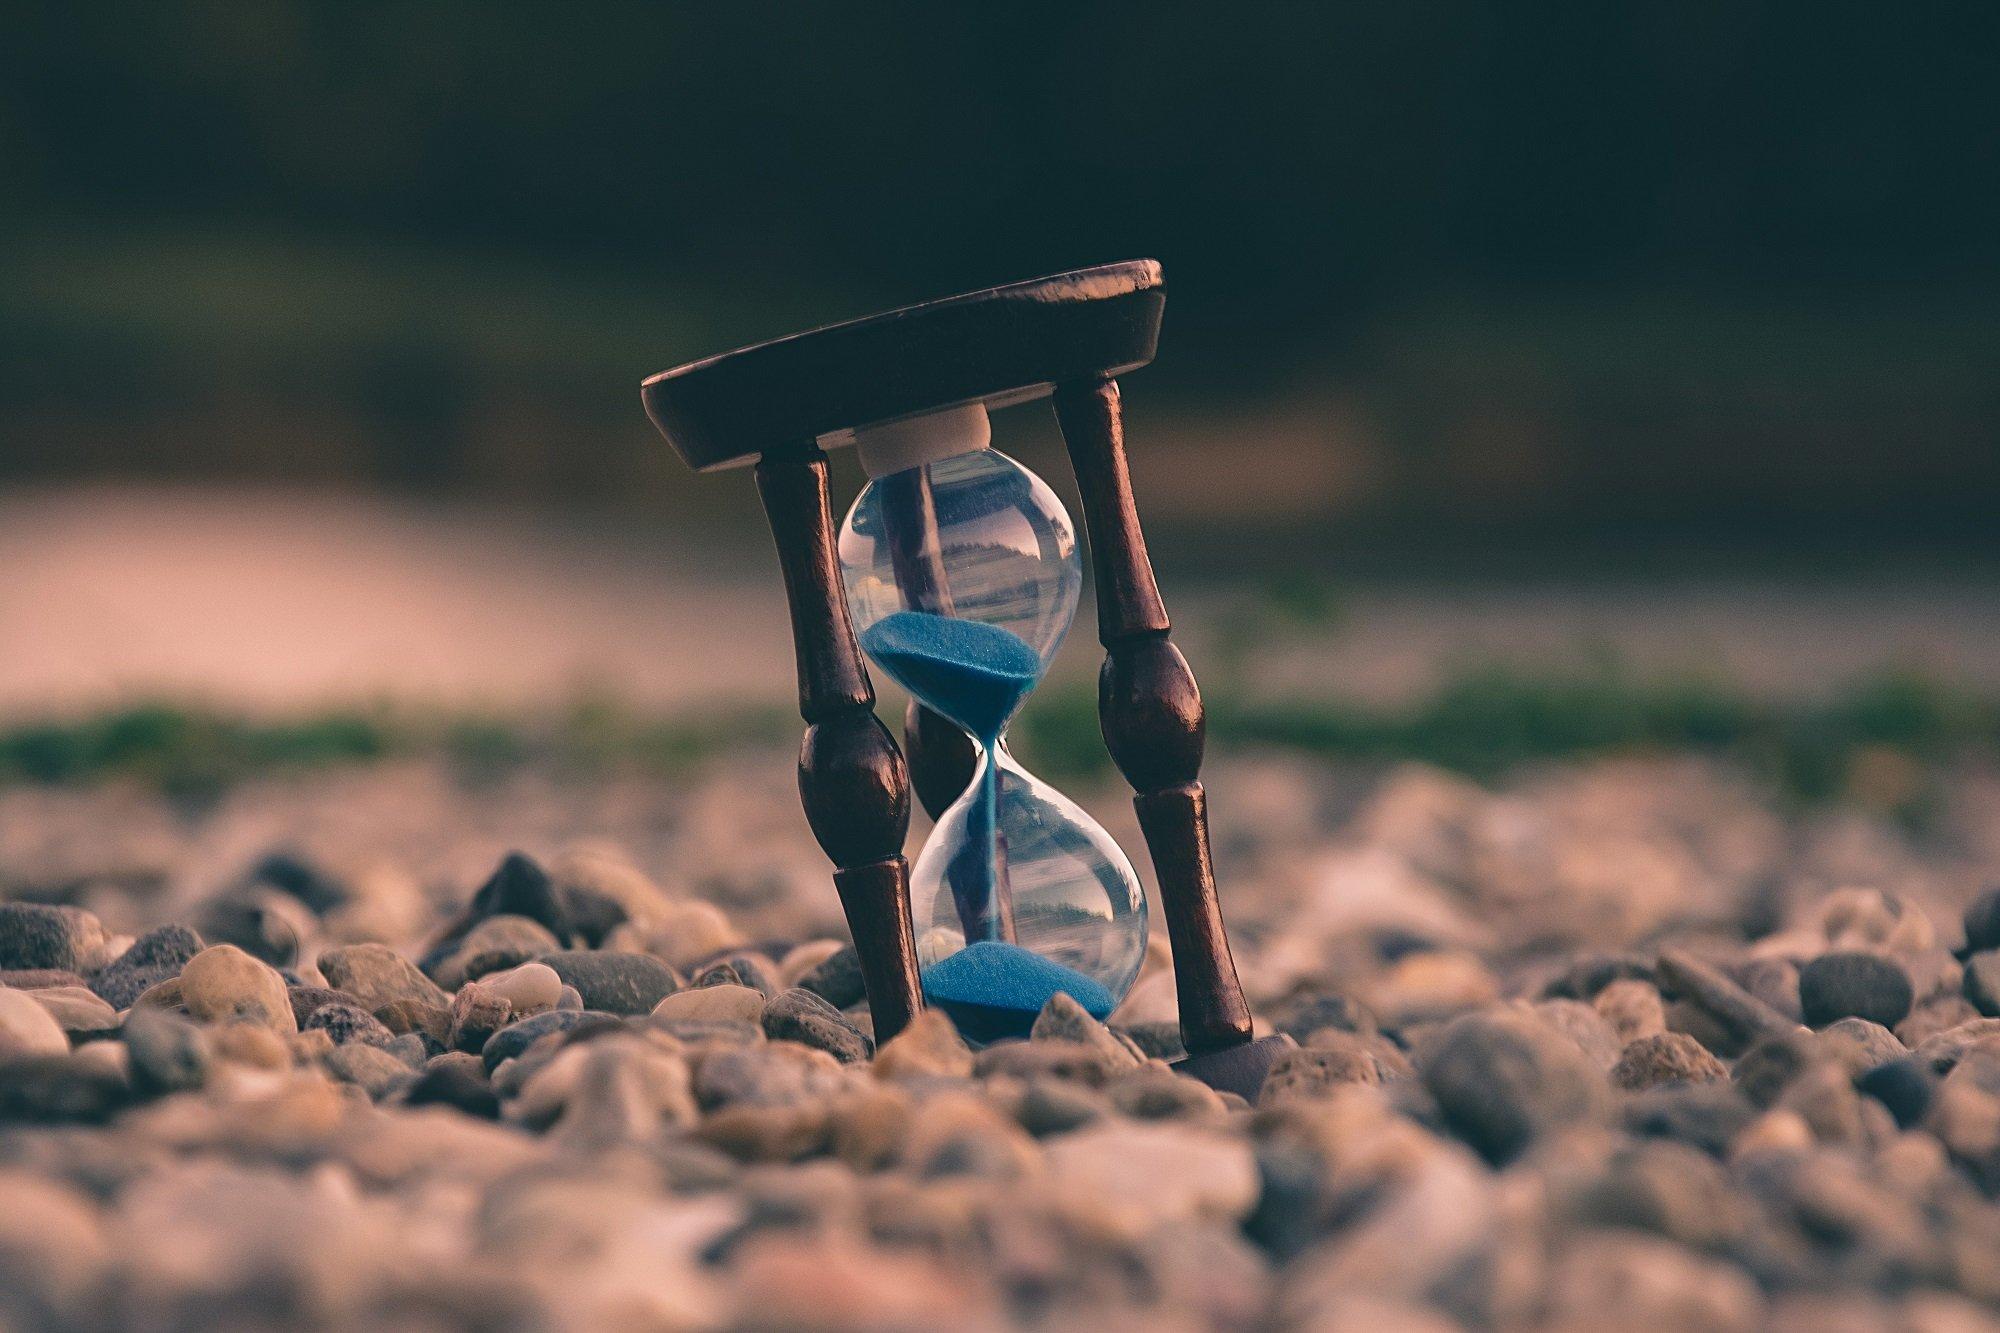 hoeveel tijd oefenen voor herstel van klachten